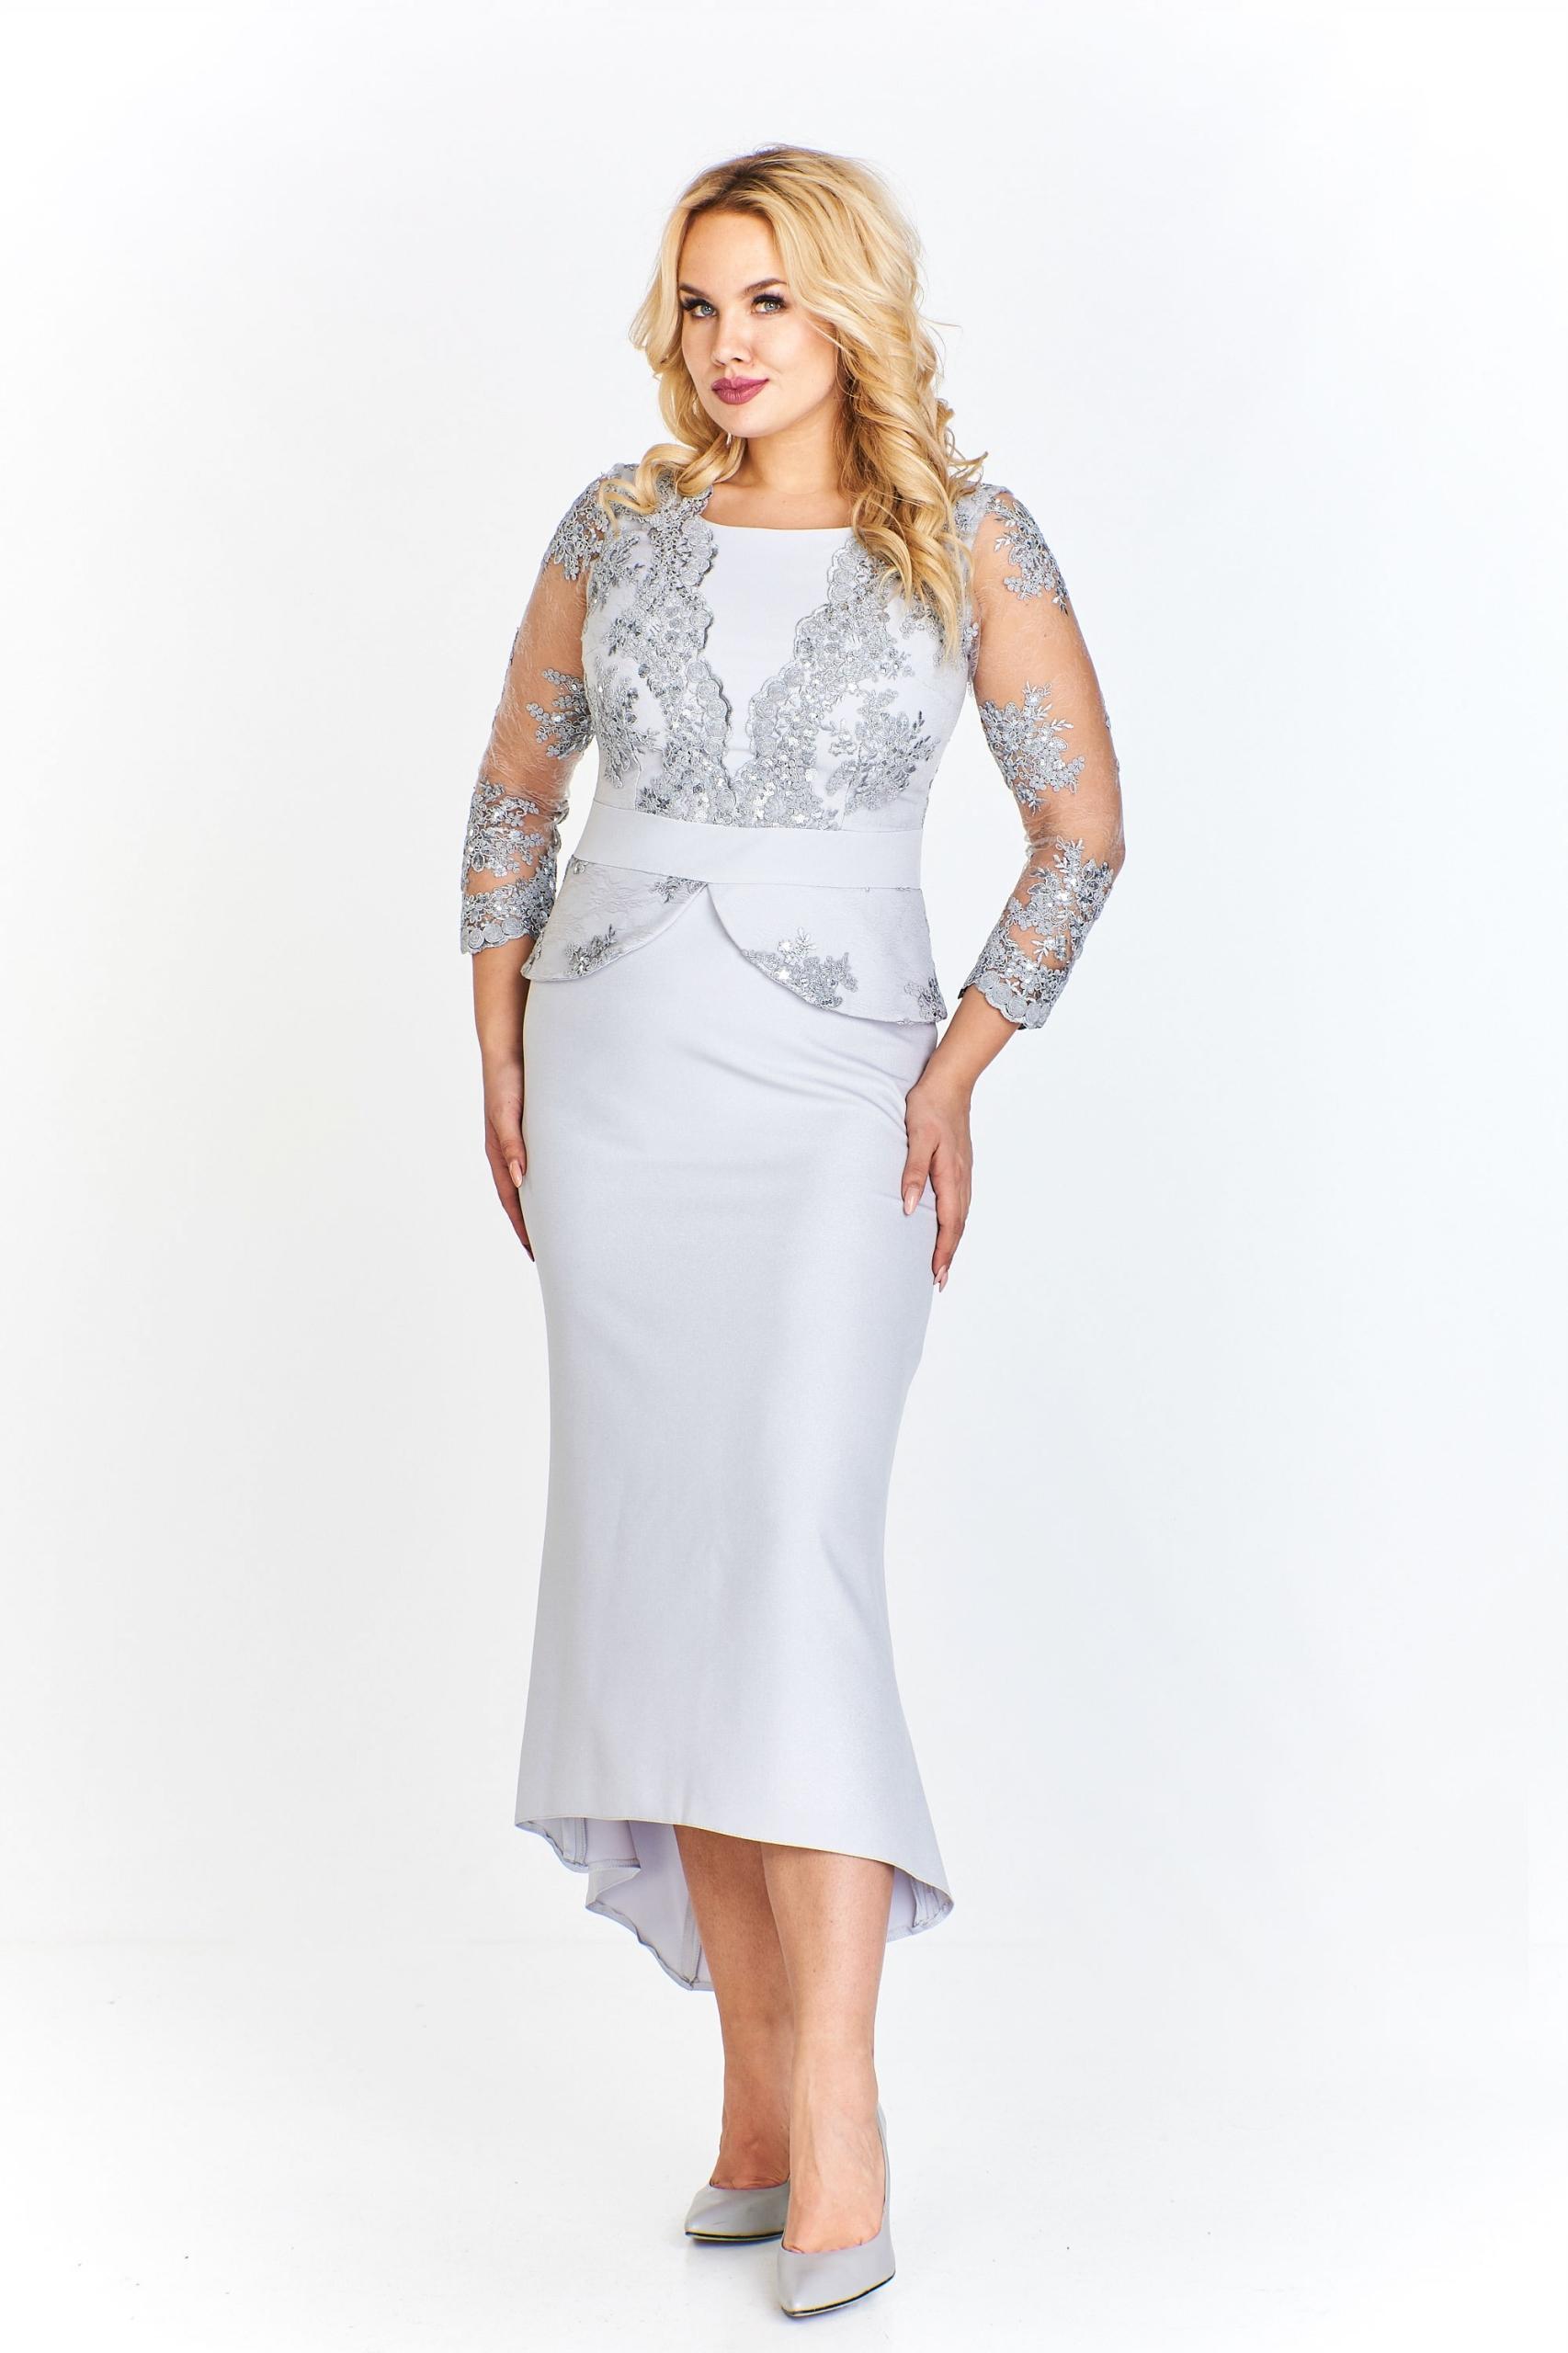 e58520a442 Długa szara sukienka z koronkową górą 46 - 7705241986 - oficjalne ...